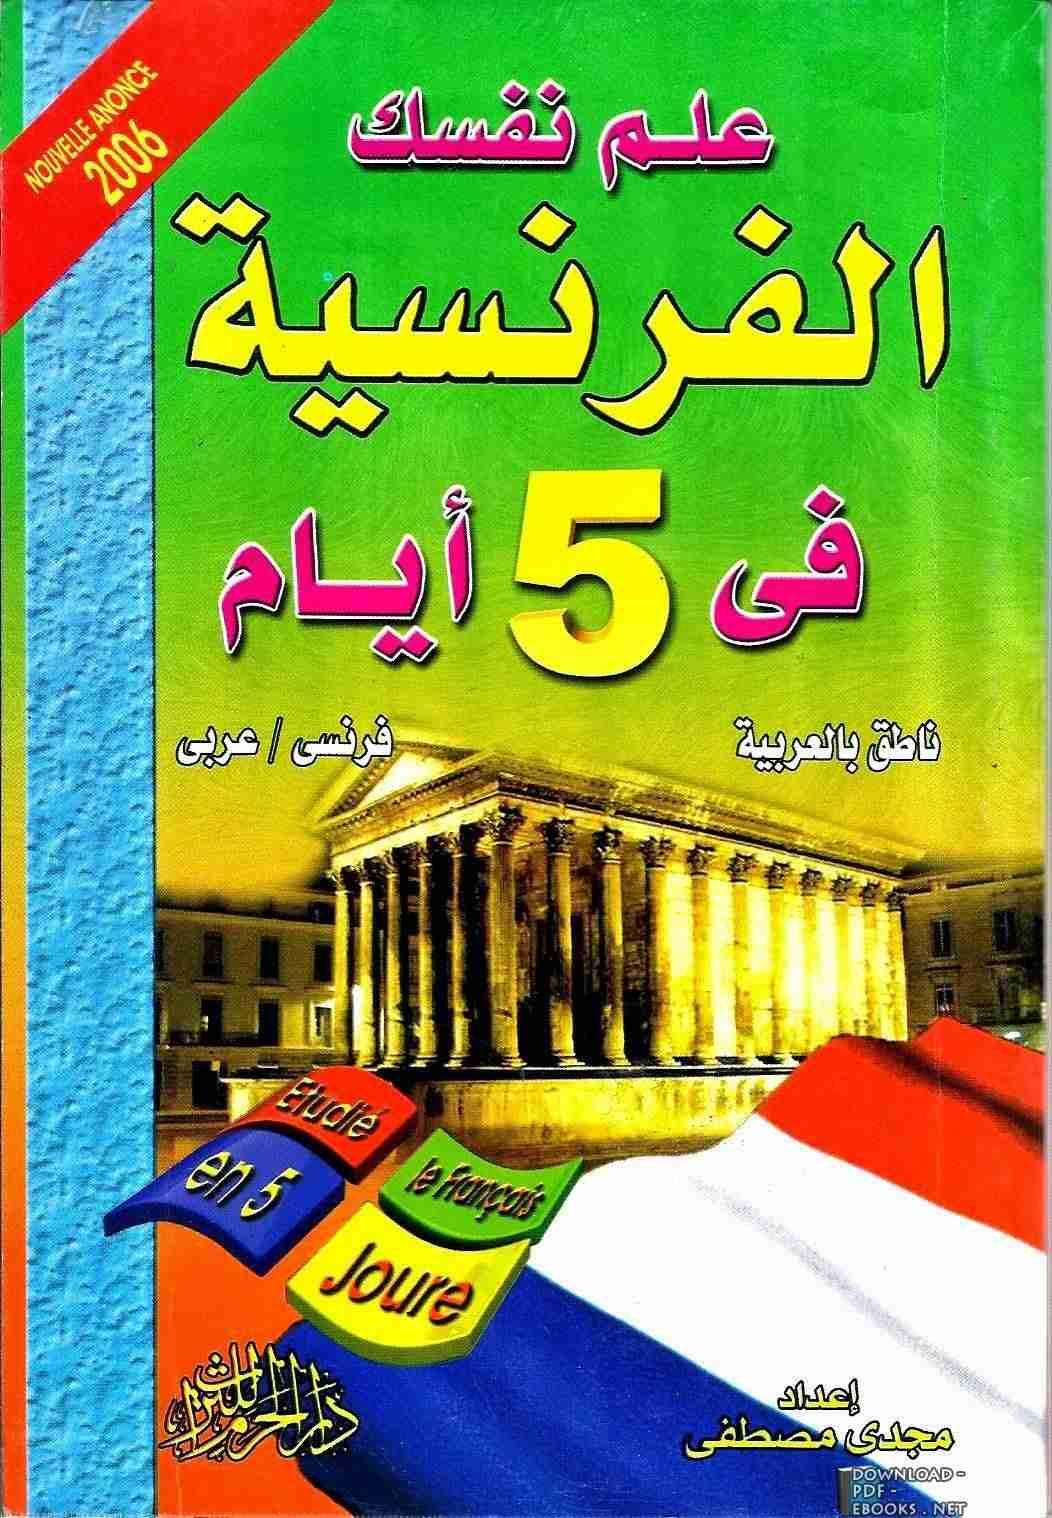 كتاب تعلم اللغة الفرنسية في 5 أيام لـ مجدي مصطفي